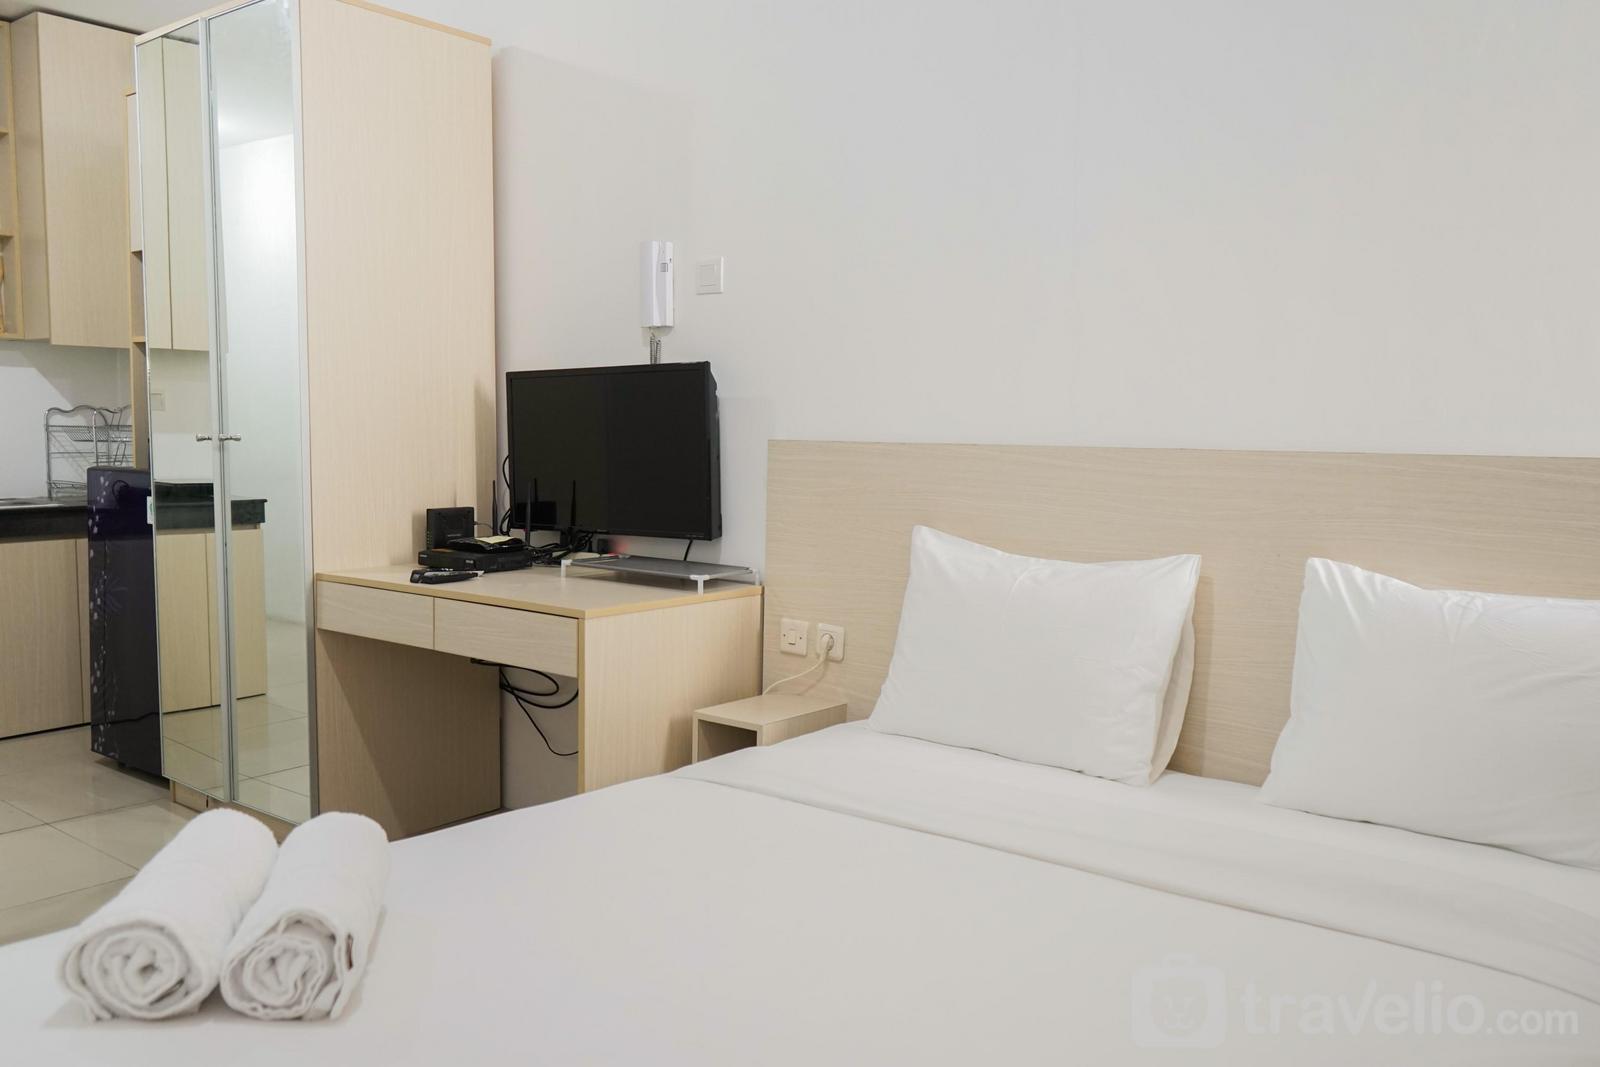 Apartemen Pasar Baru Mansion - Elegant Studio Apartment at Pasar Baru Mansion By Travelio